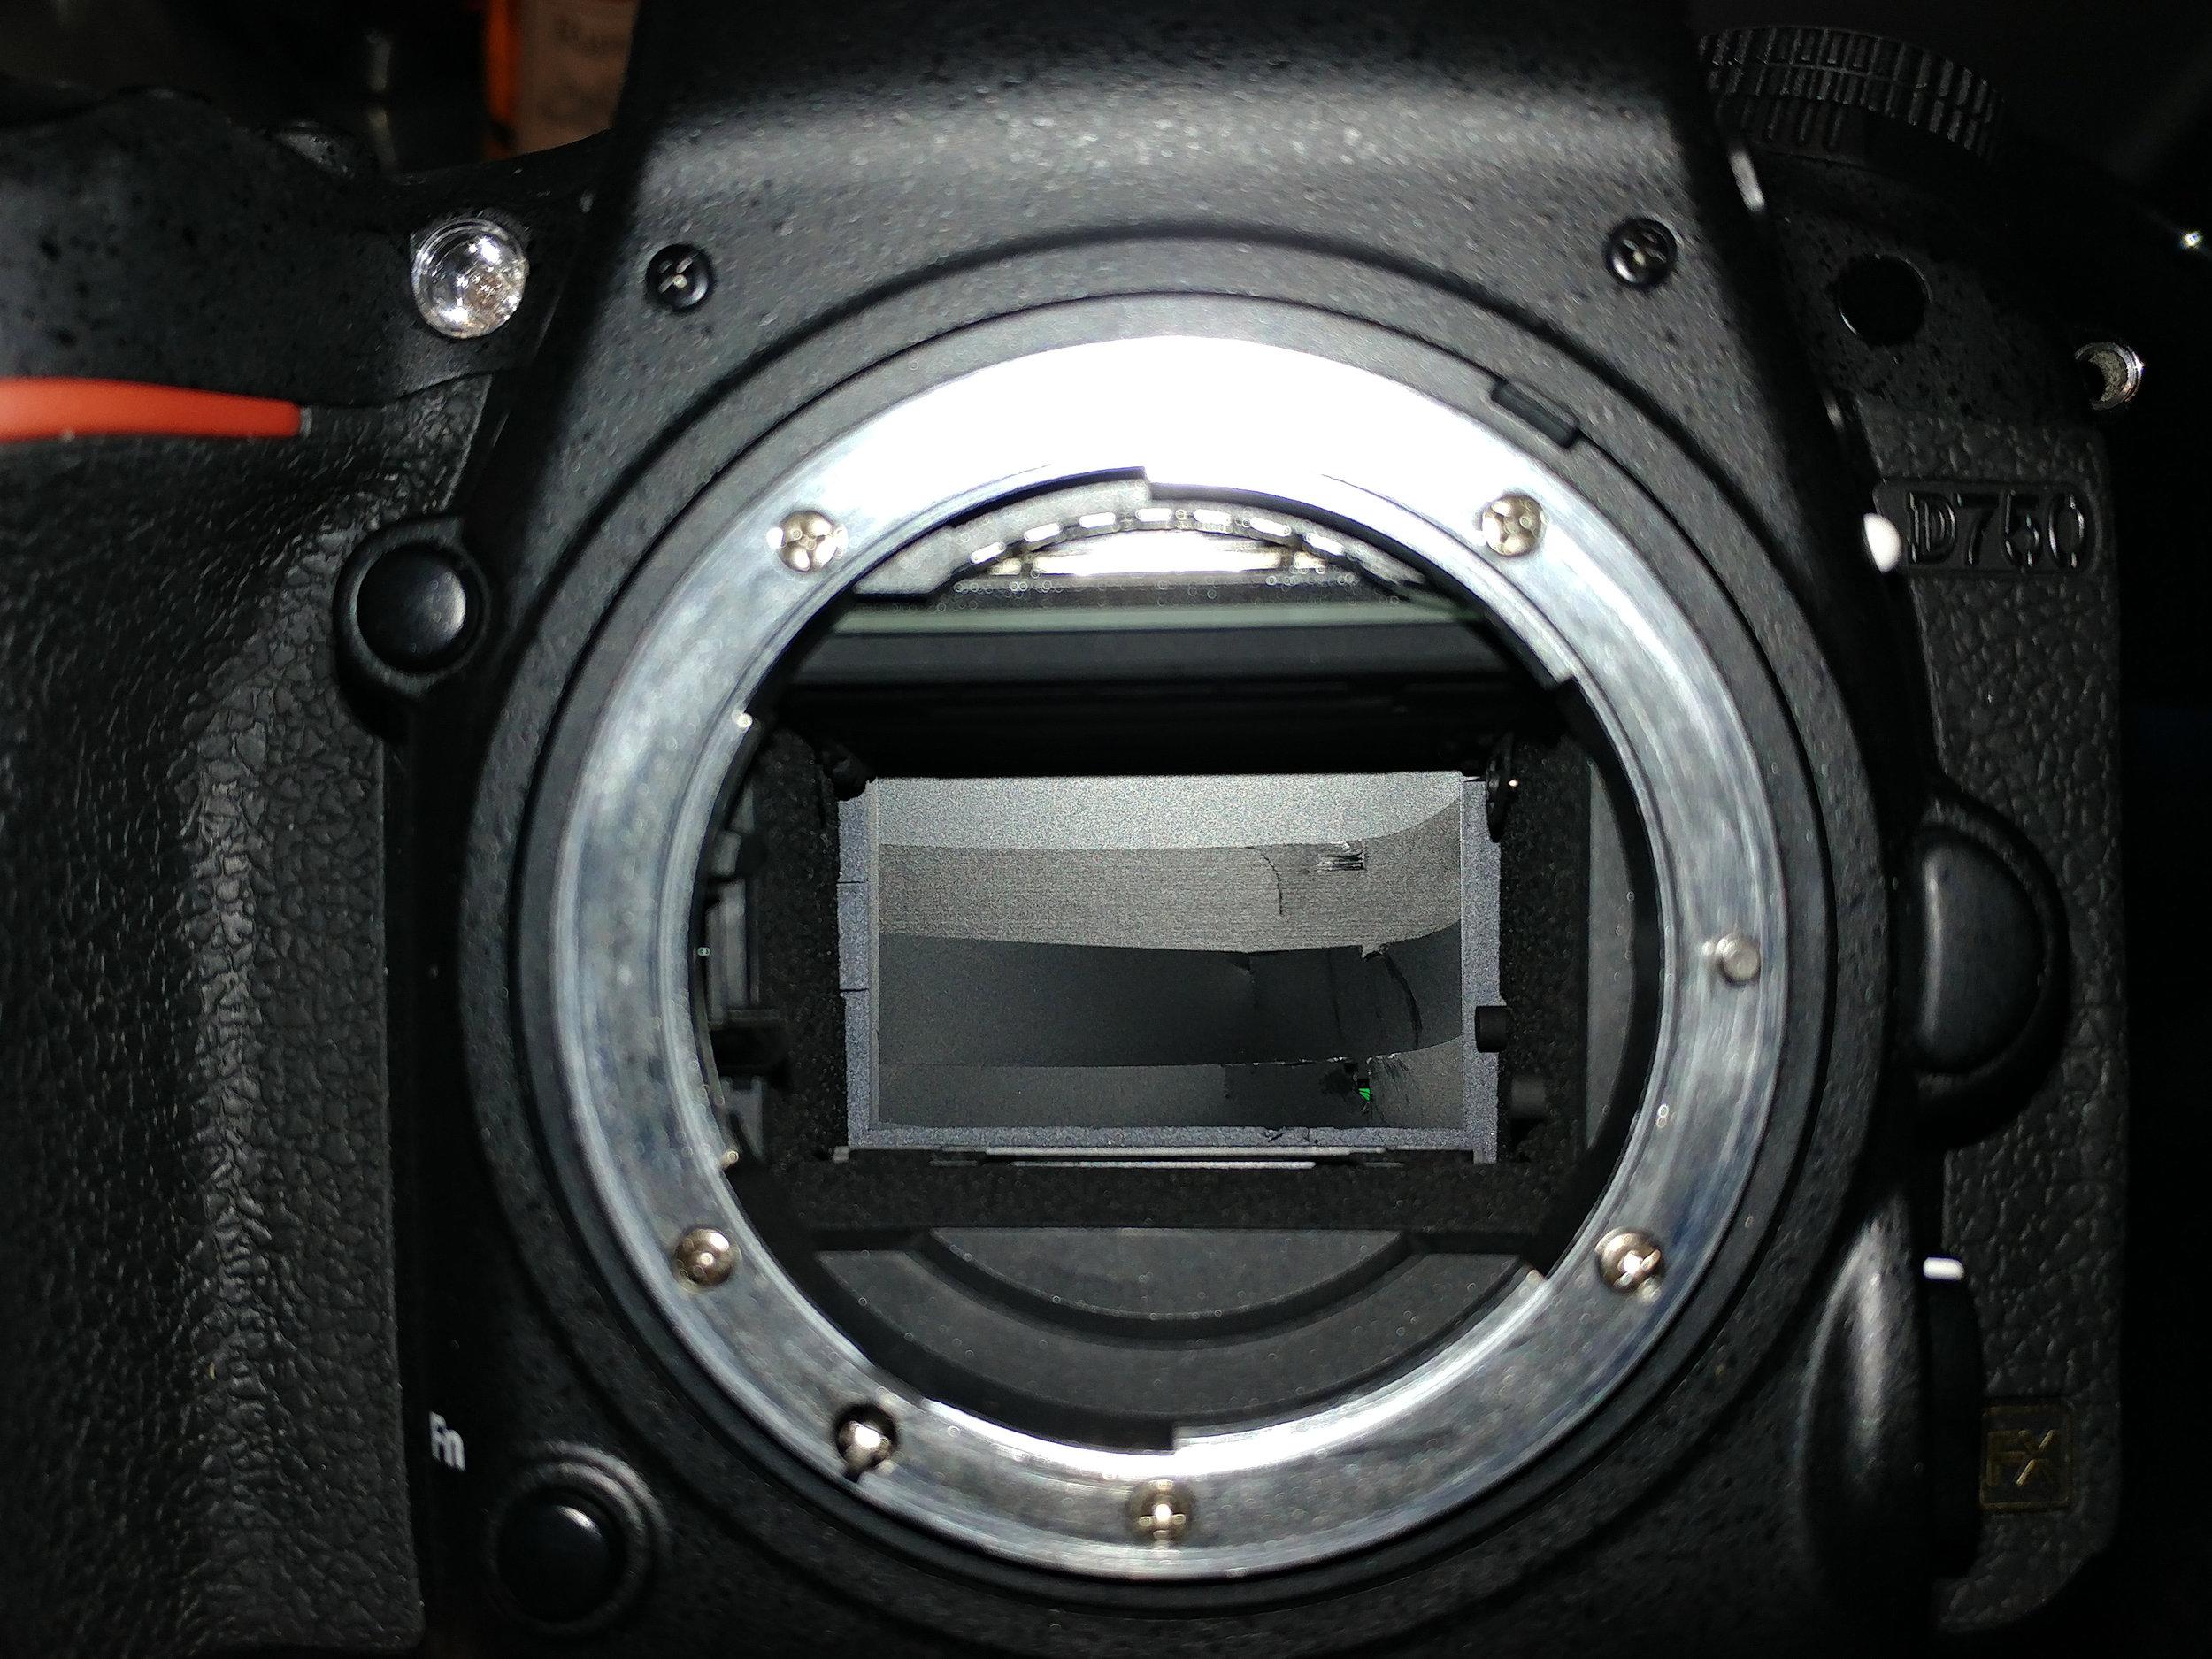 Nikon D750 shutter malfunction issue shutter damaged